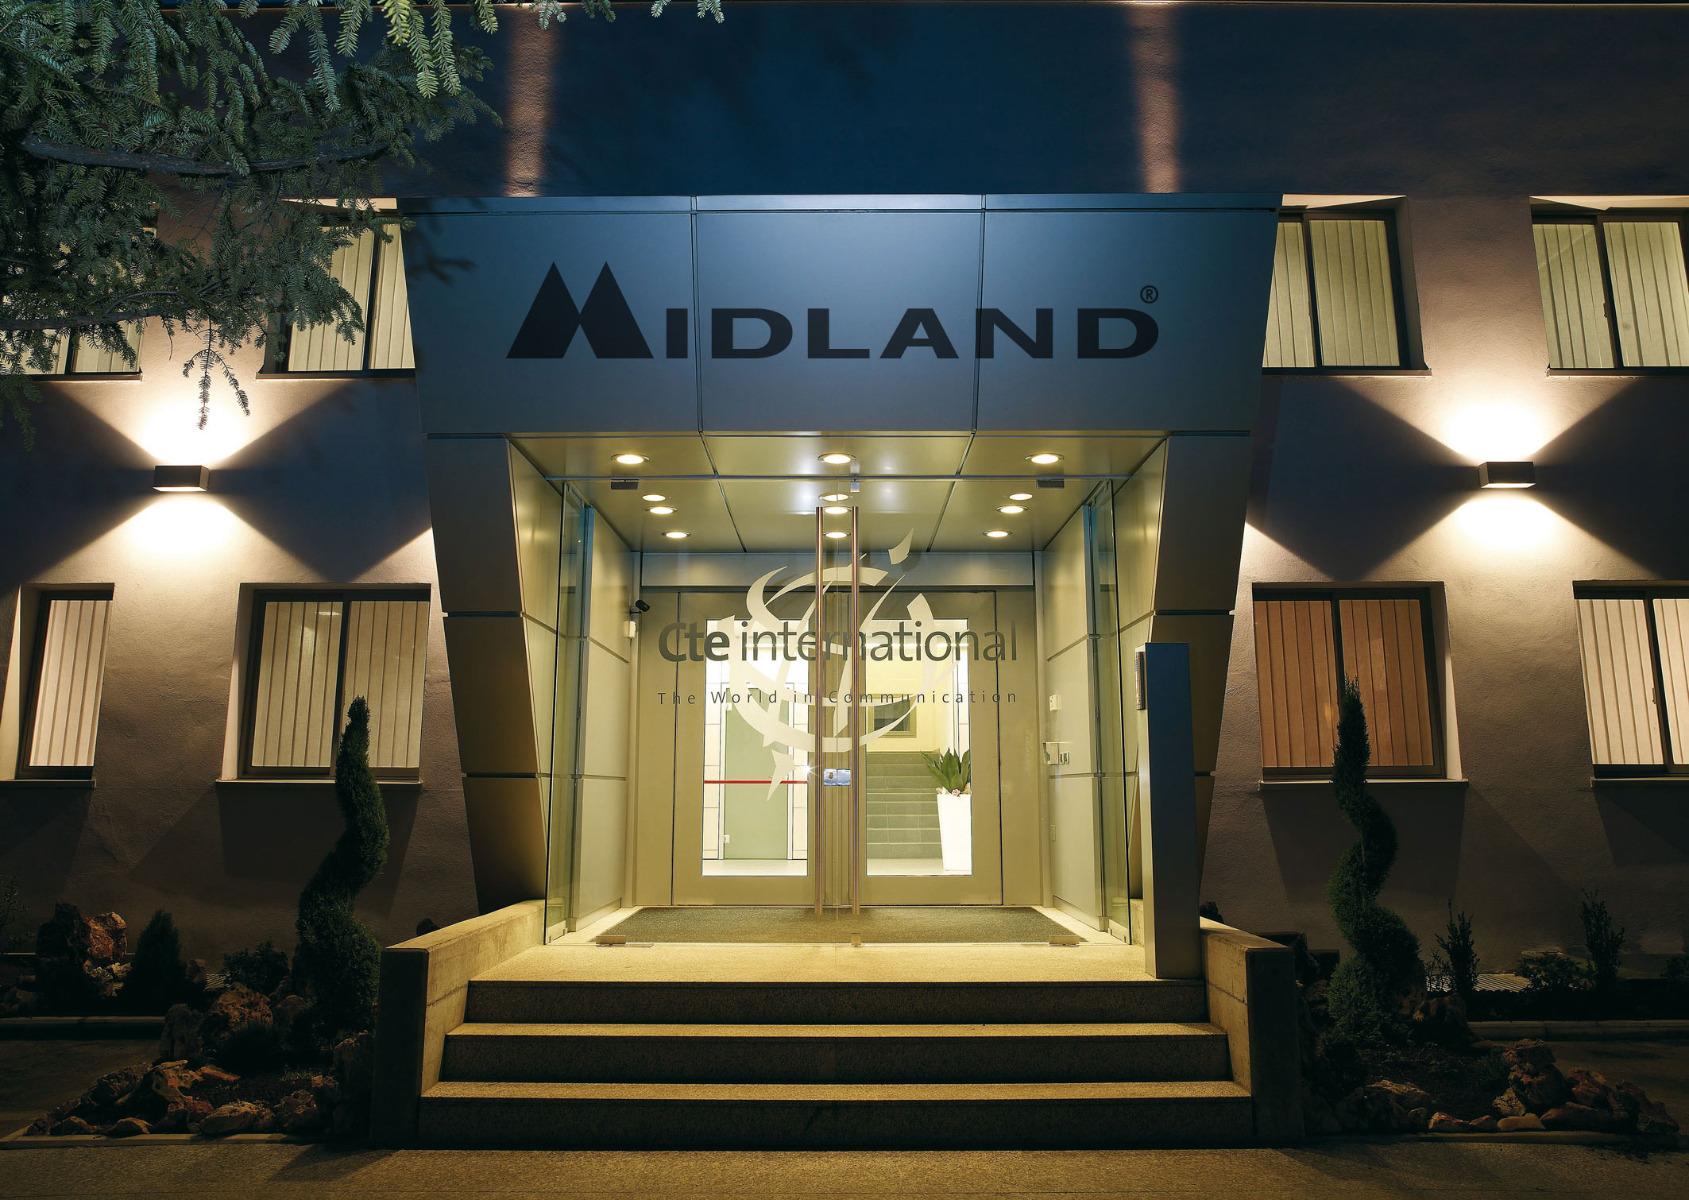 ingresso-sede-Midland-2000